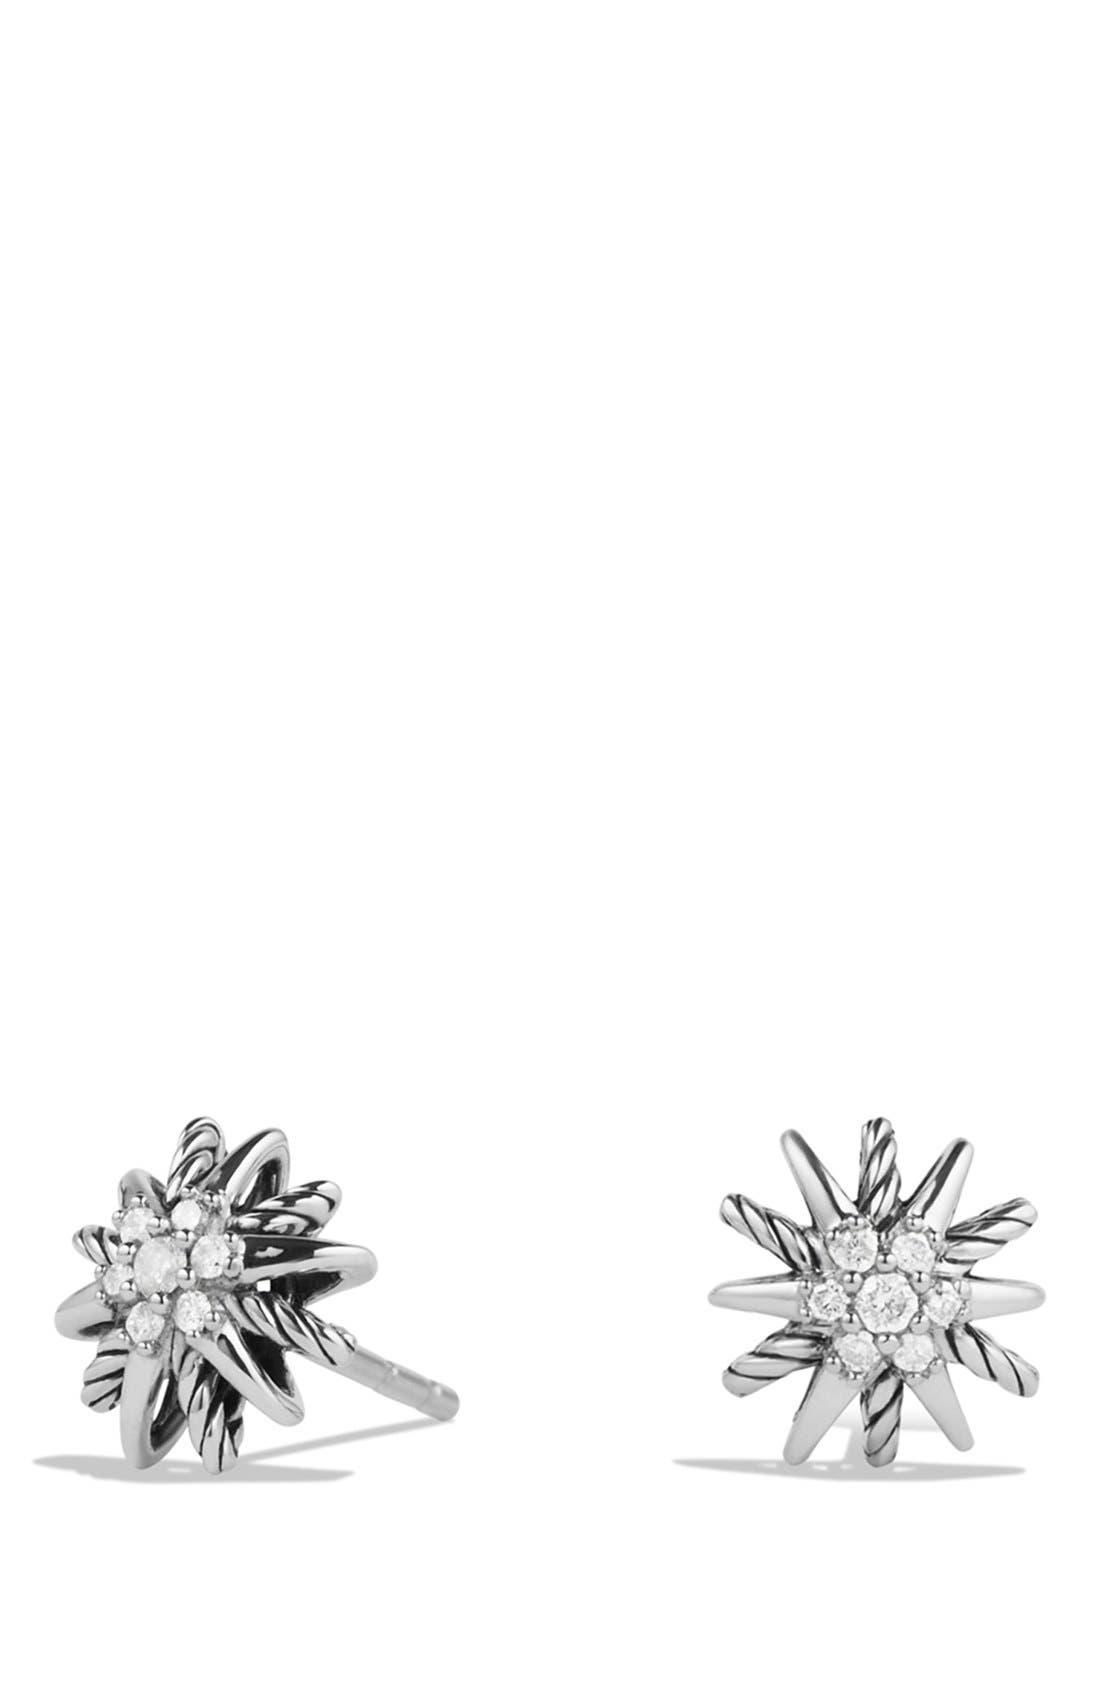 'Starburst' Earrings with Diamonds,                         Main,                         color, Diamond